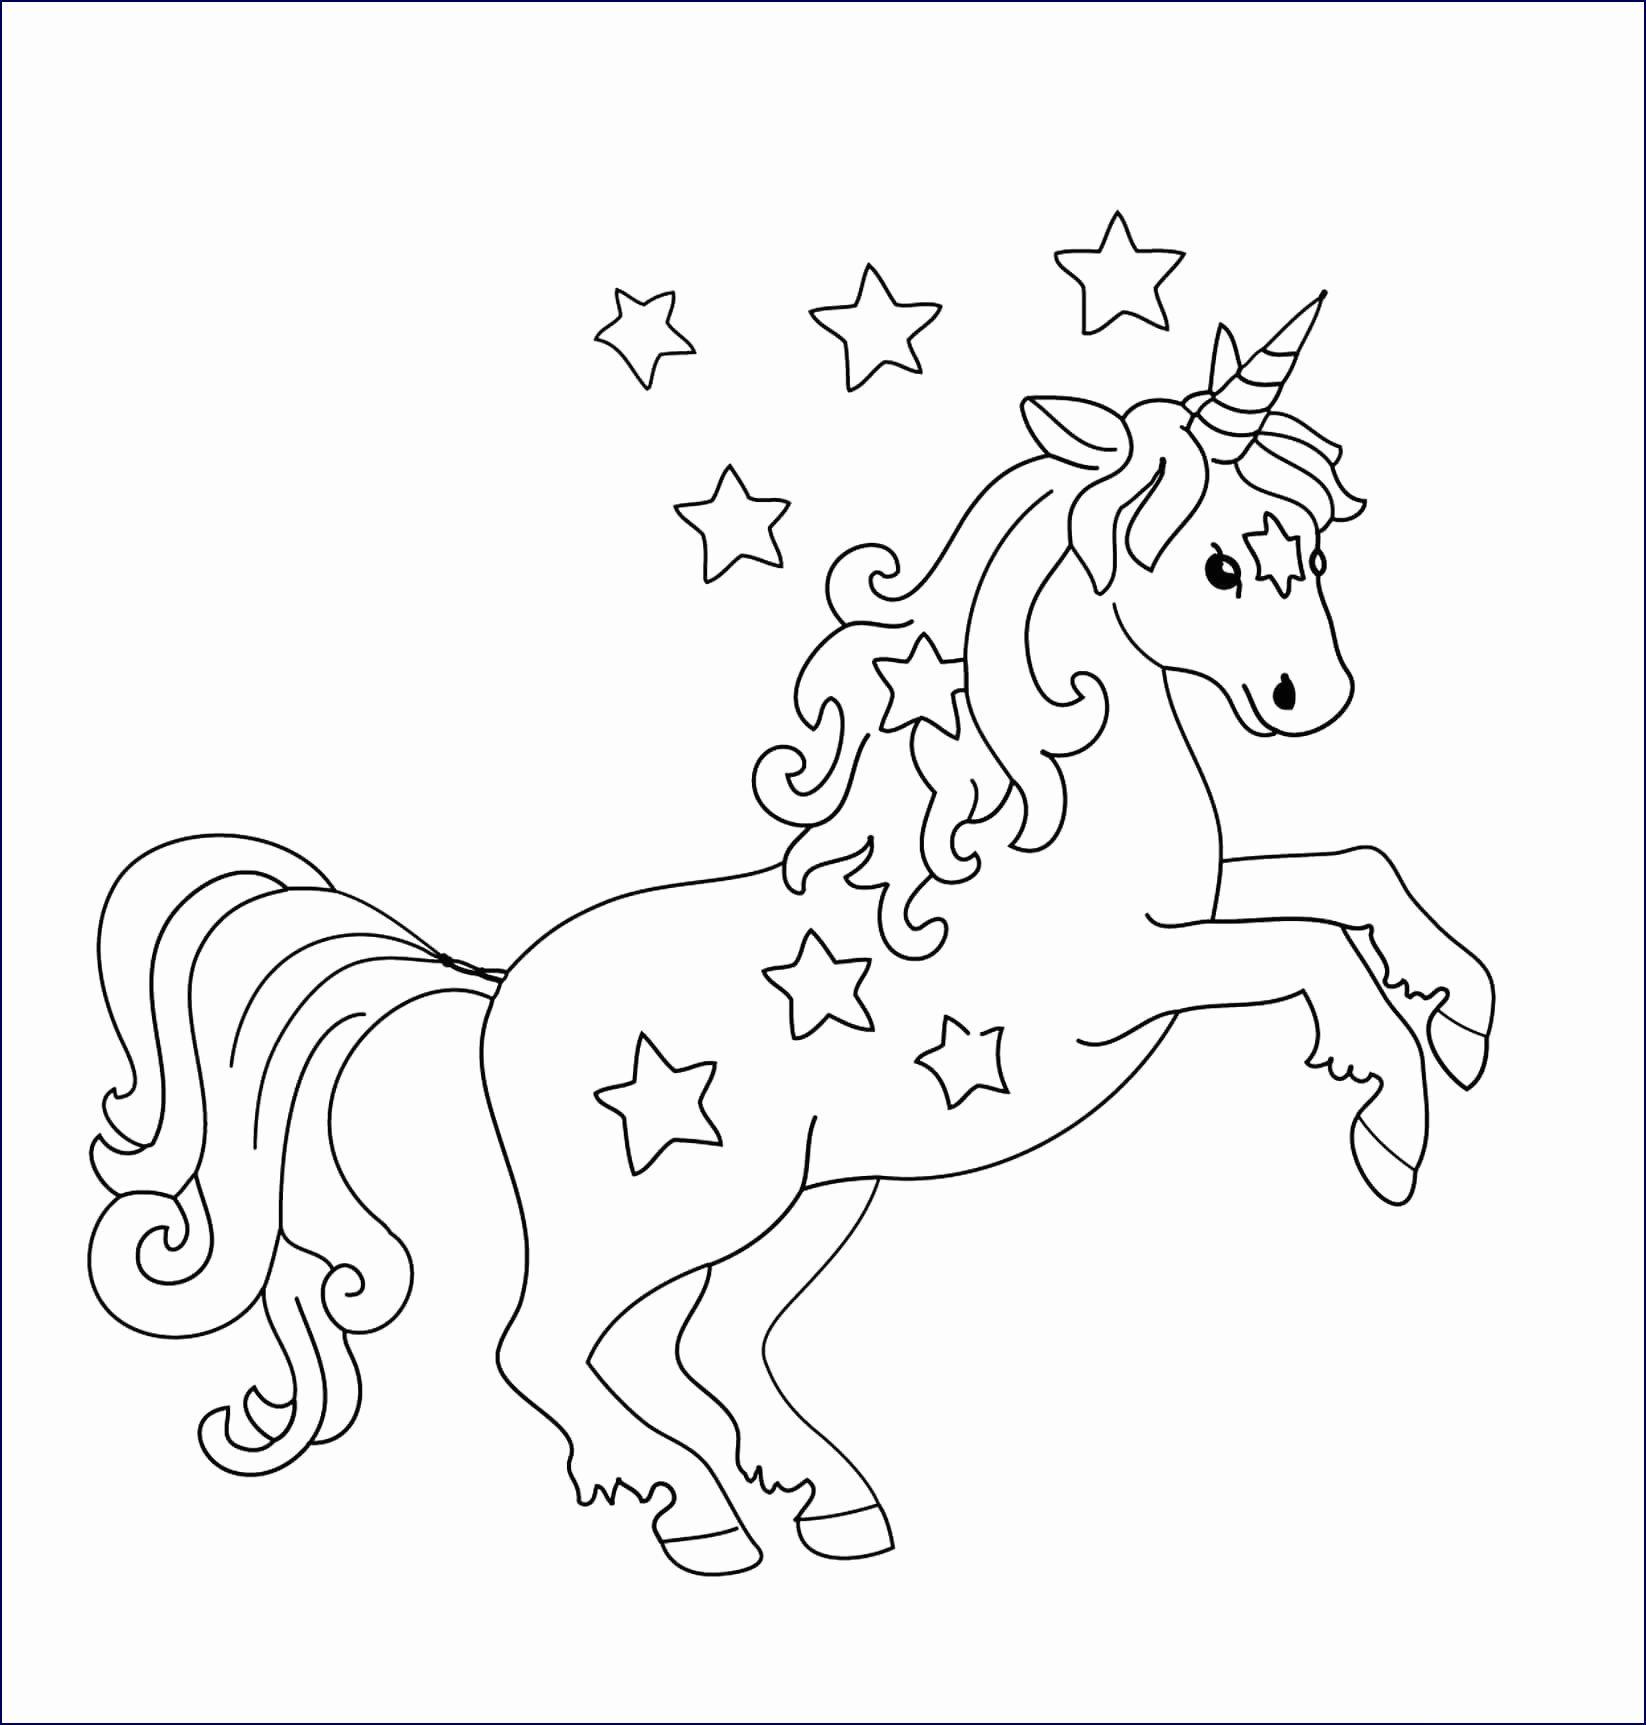 pferdebilder zum ausdrucken gratis schön schön